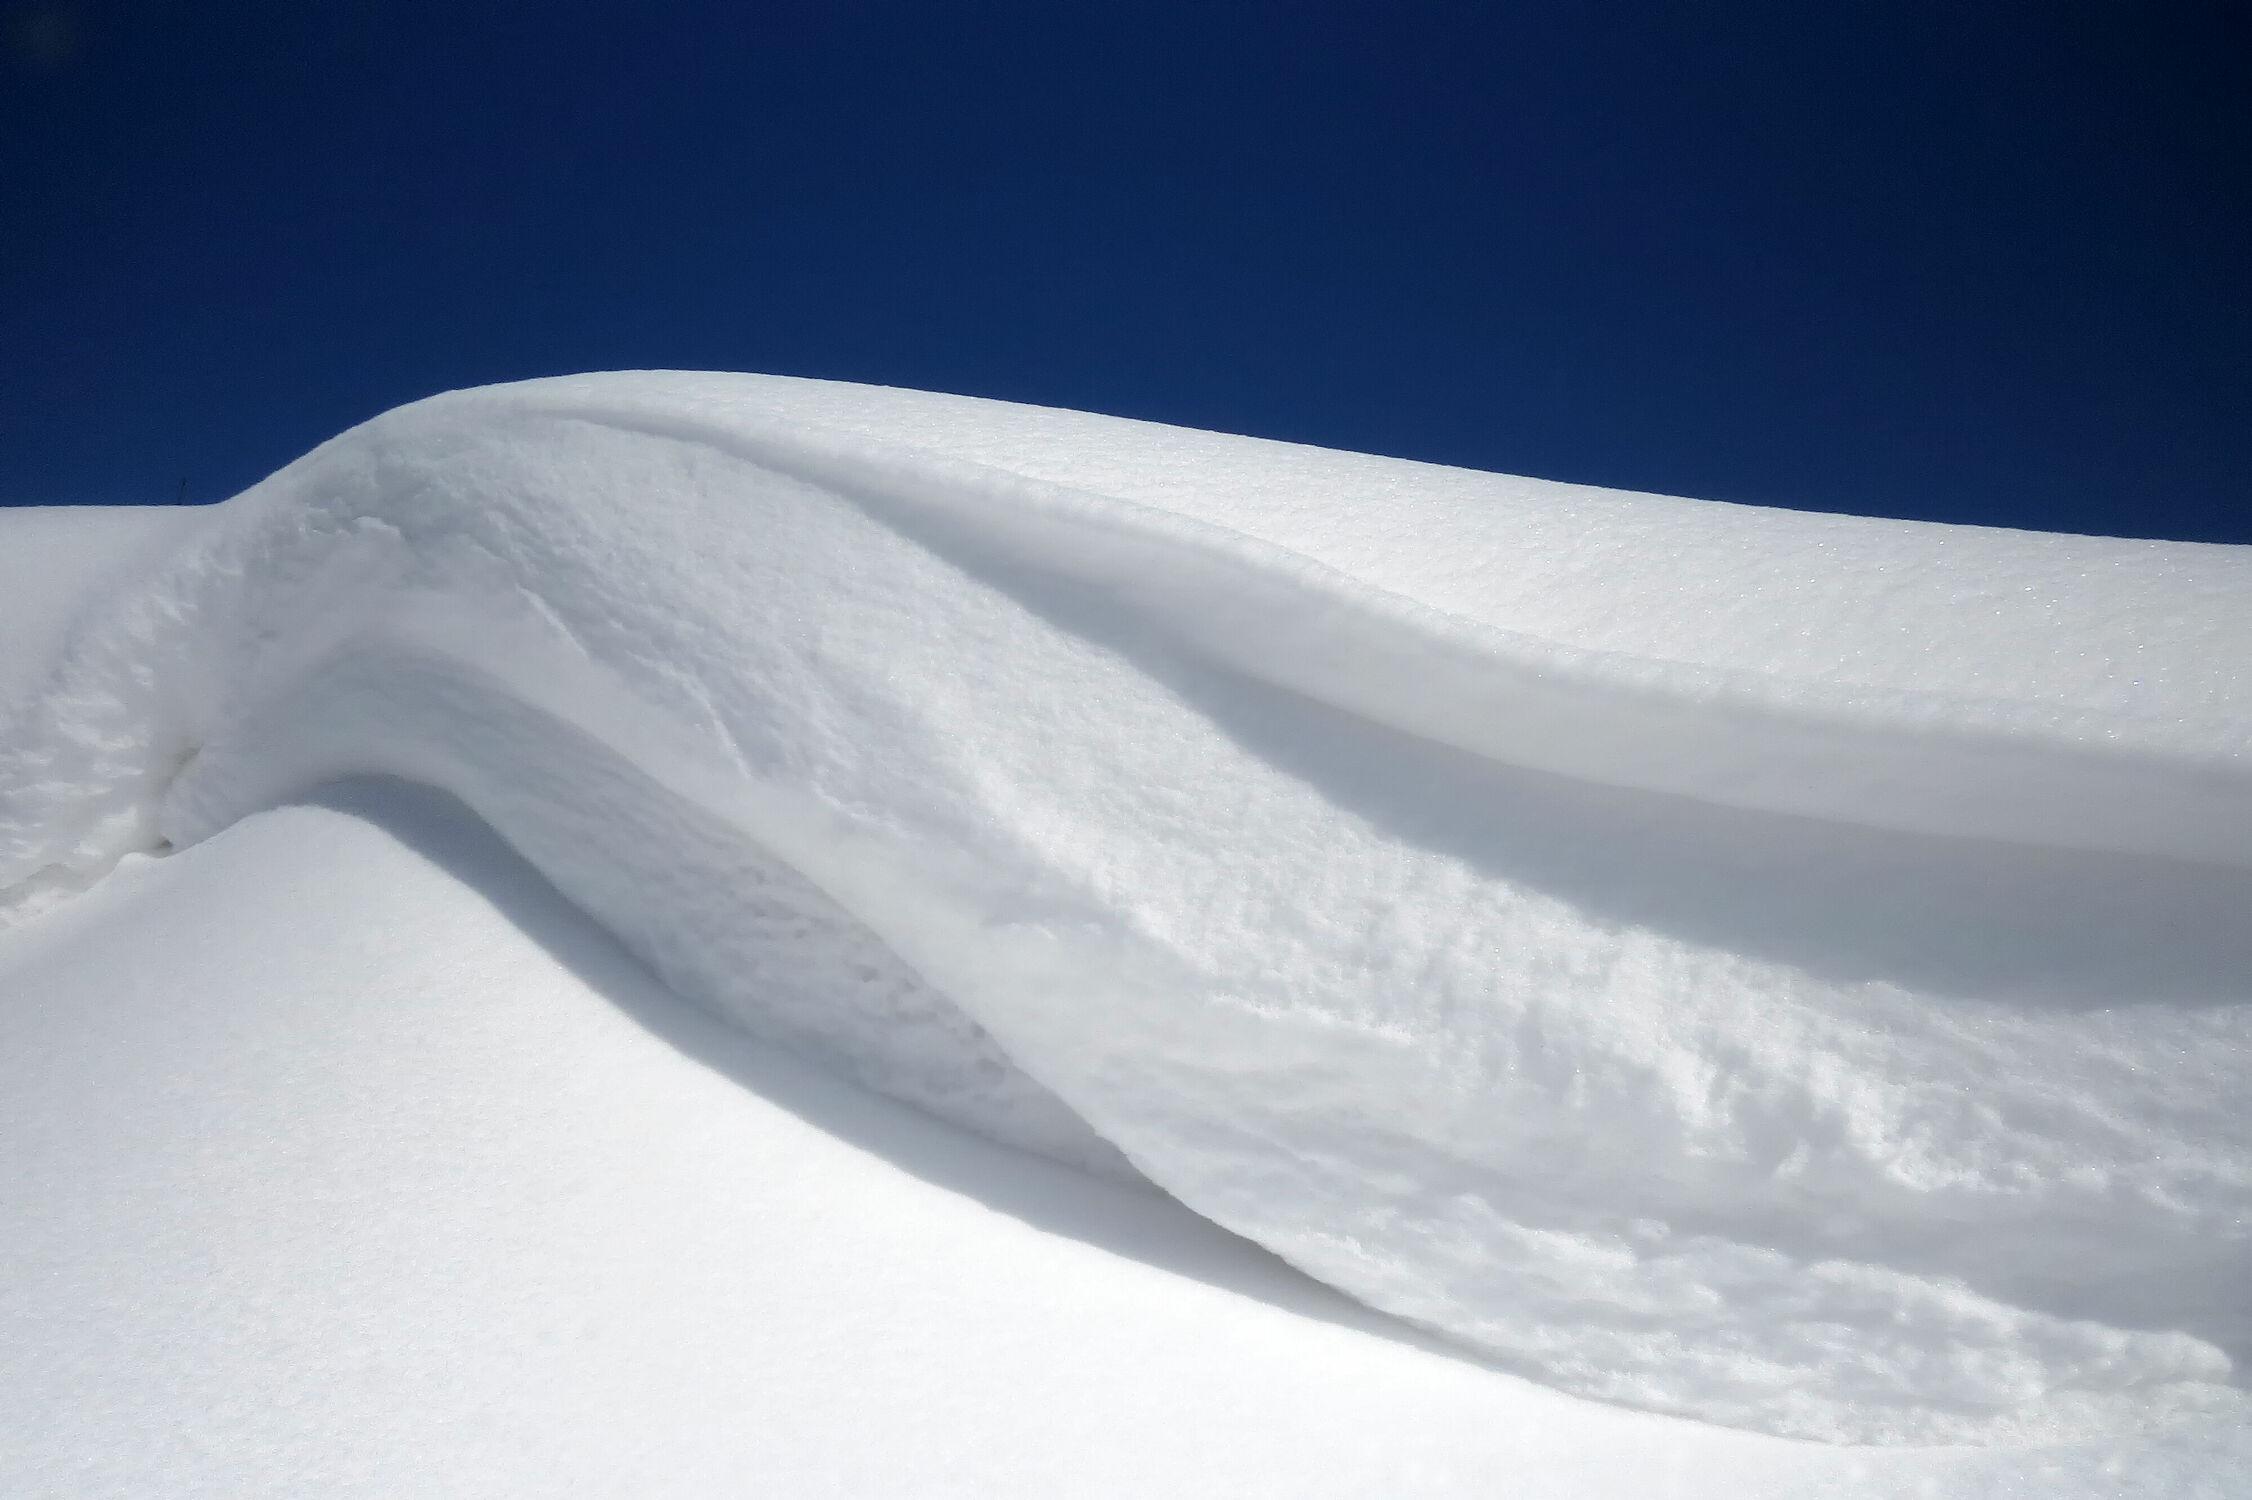 Bild mit Winter, Schnee, Schneewehe